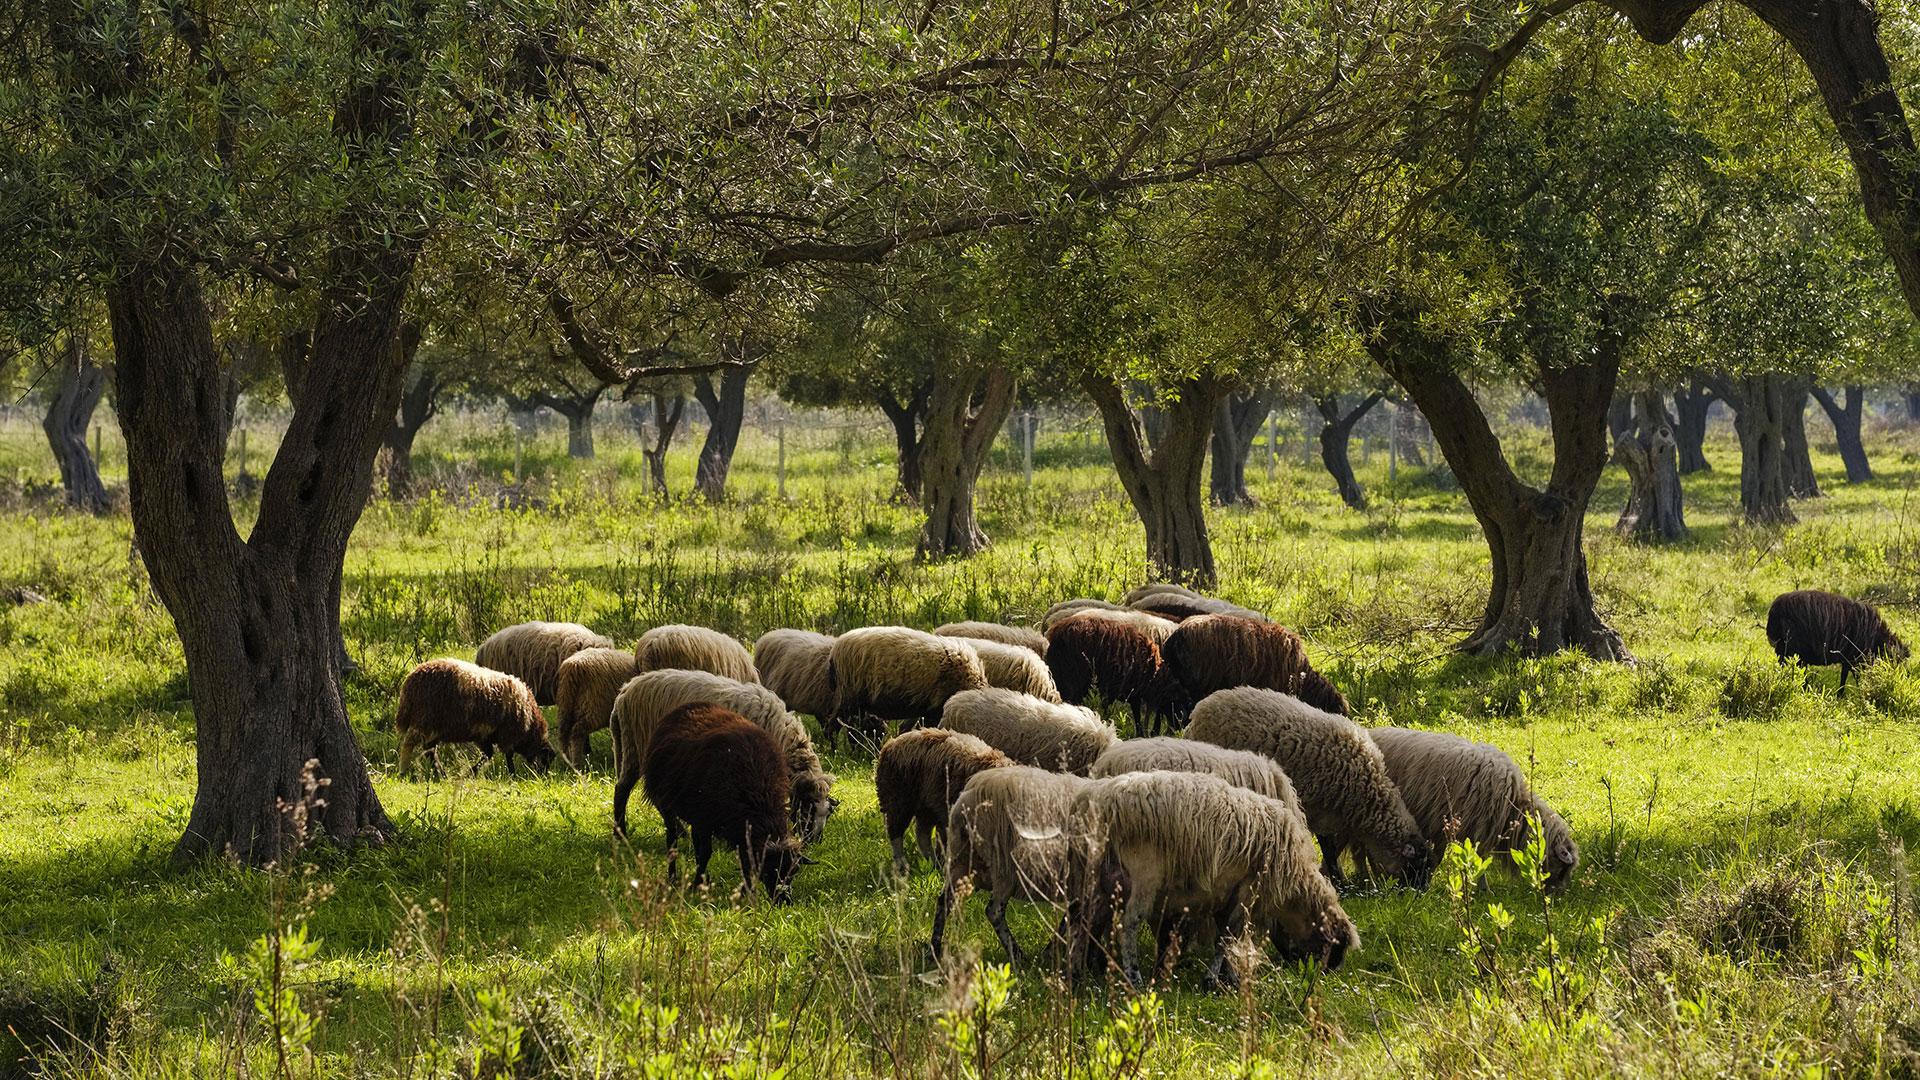 Urwald: Schafe im Wald